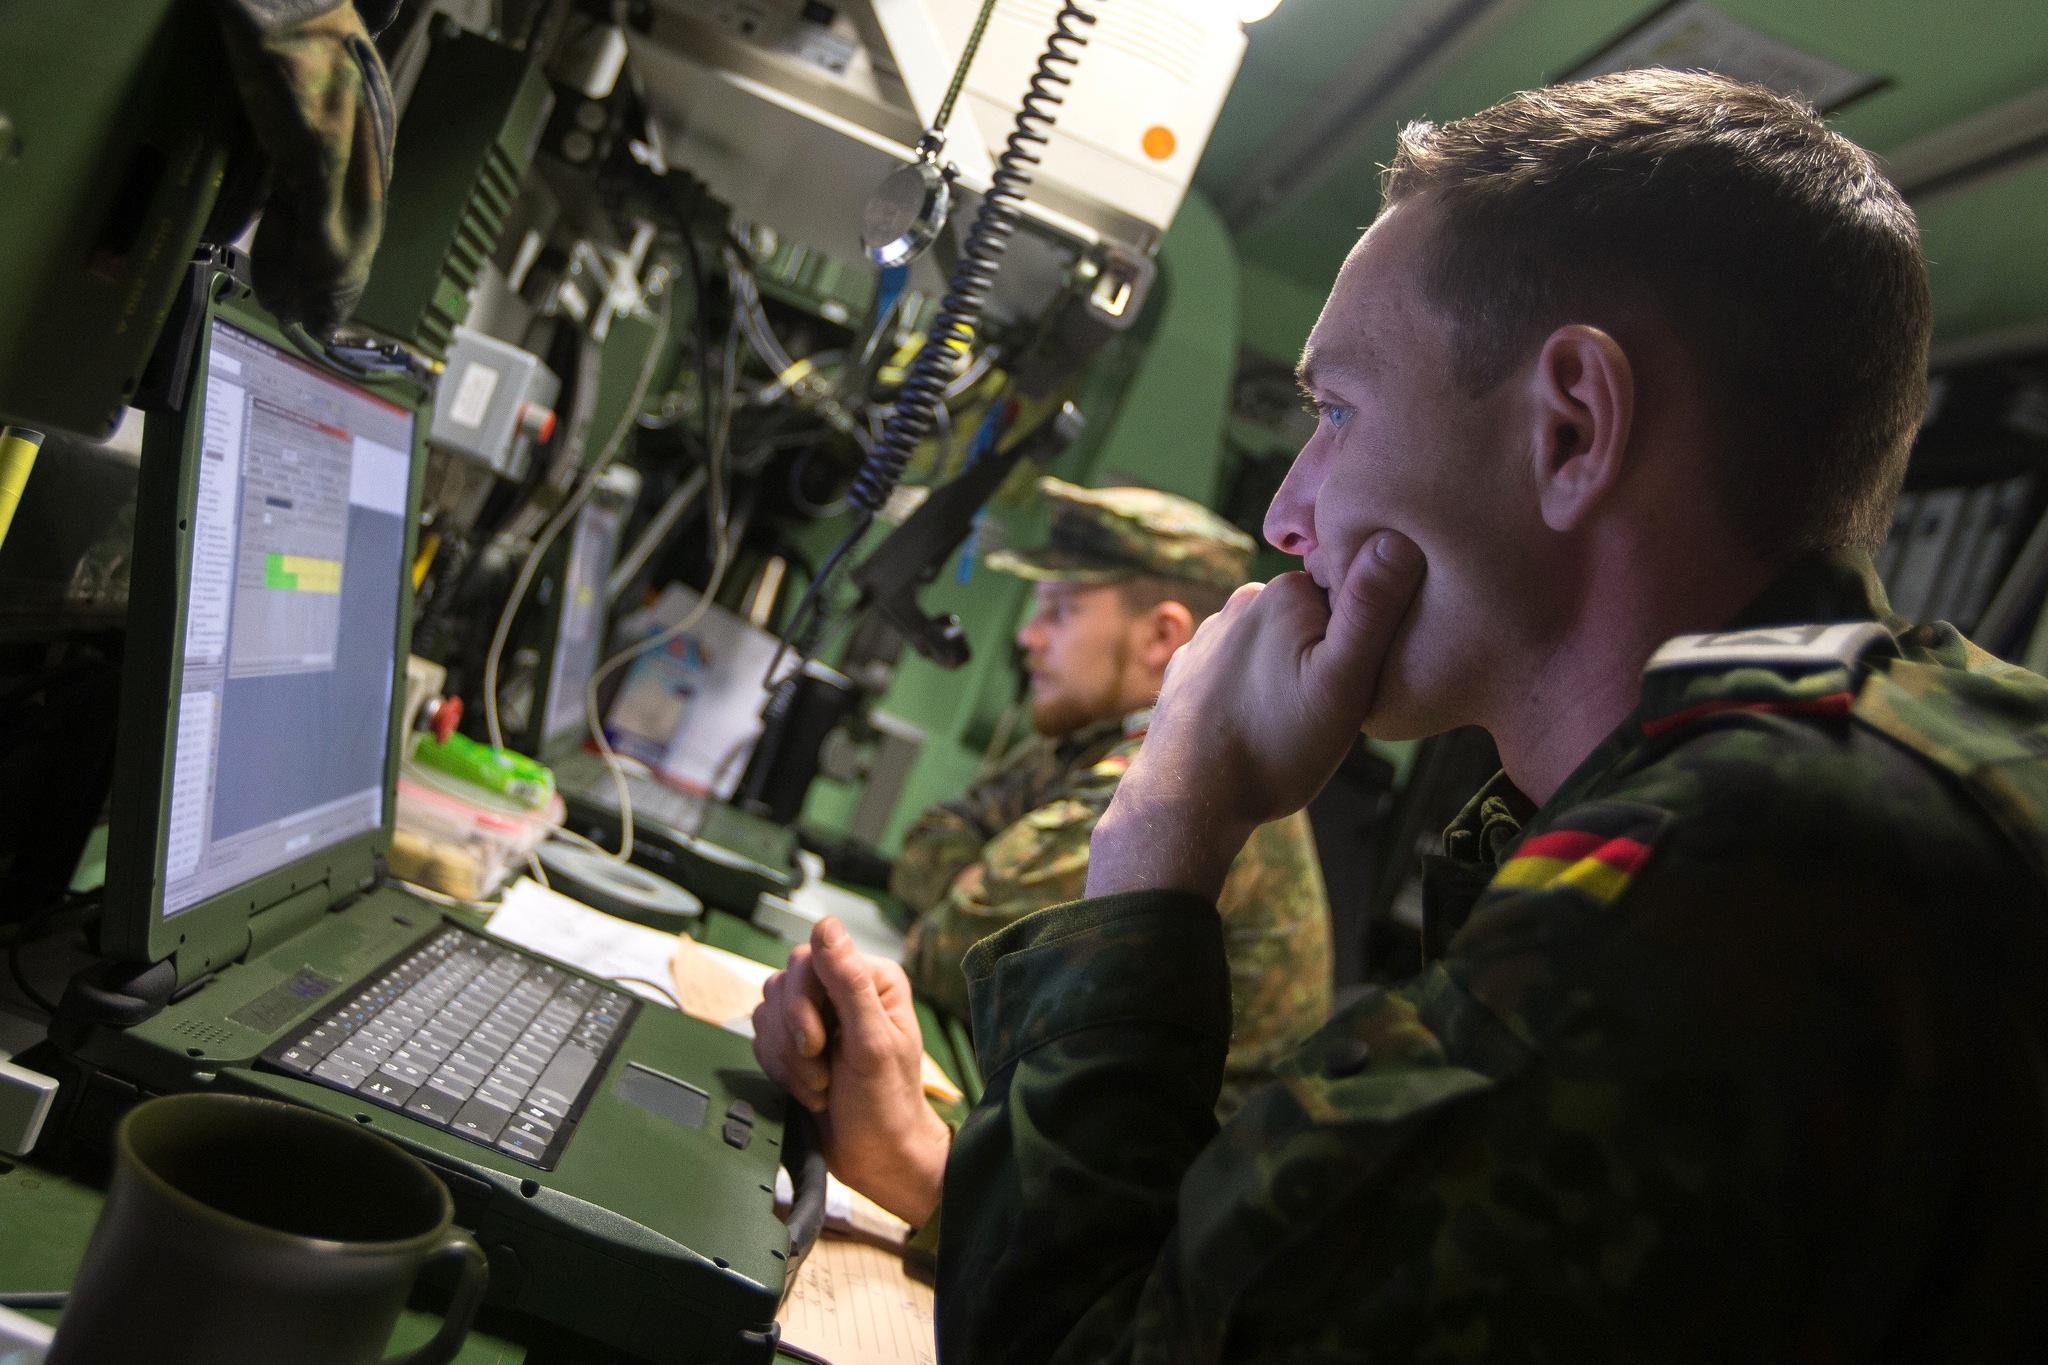 """Soldat an einem Bundeswehr-Laptop des Artilleriebataillons 131 aus Weiden: Bis 2021 soll das neue Kommando """"Cyber- und Informationsraum"""" (CIR) der Bundeswehr mit Sitz in Bonn voll einsatzfähig sein und über 13.500 Online-Soldaten verfügen."""